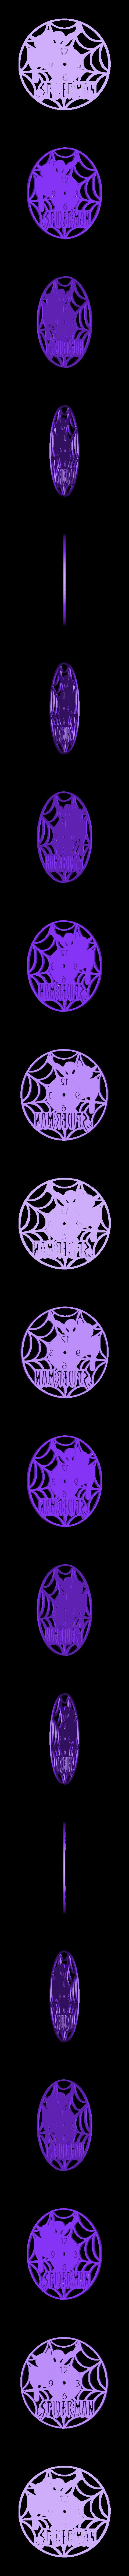 spiderman_reloj.stl Télécharger fichier STL gratuit Reloj Spiderman • Objet à imprimer en 3D, 3dlito